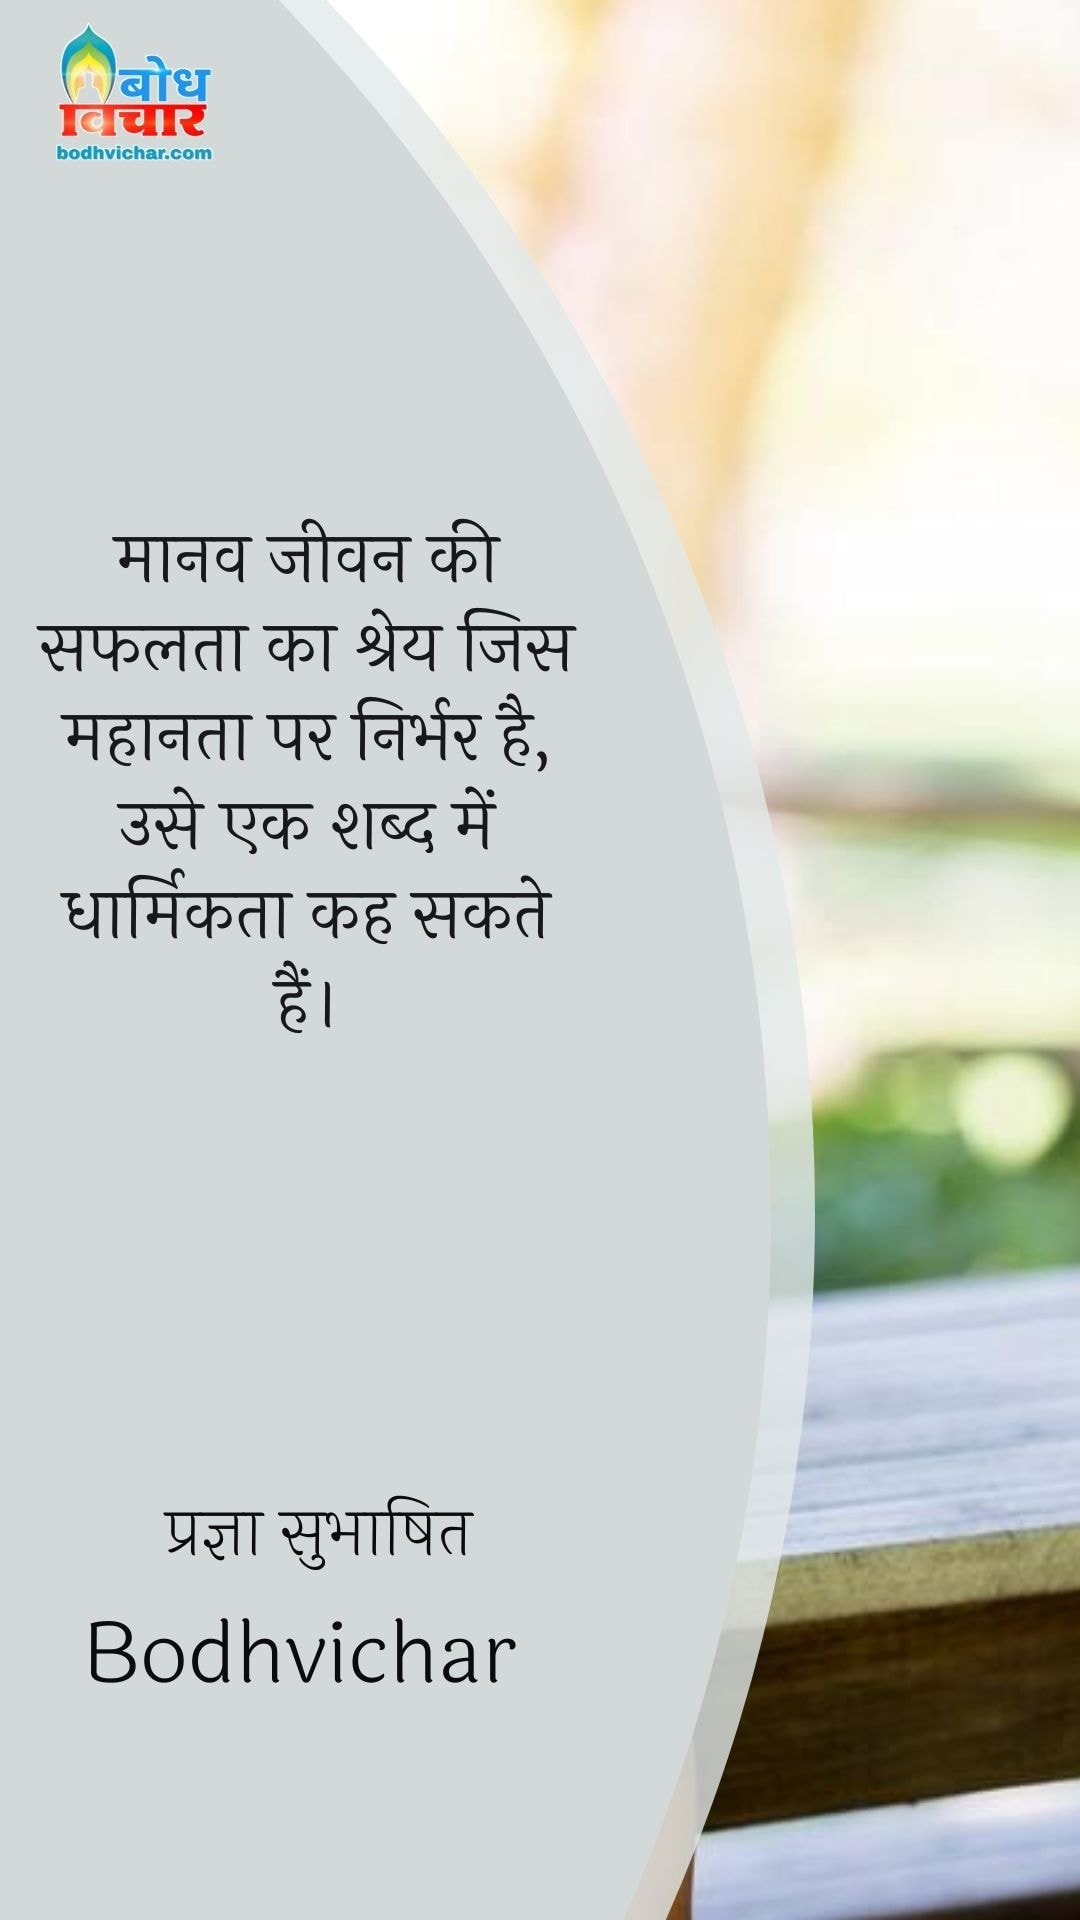 मानव जीवन की सफलता का श्रेय जिस महानता पर निर्भर है, उसे एक शब्द में धार्मिकता कह सकते हैं। : Manav jeevan ki safalta ka shrey jis mahanta pa nirbhar hai use ek shabd me hum dharmikta kah sakte hain - प्रज्ञा सुभाषित